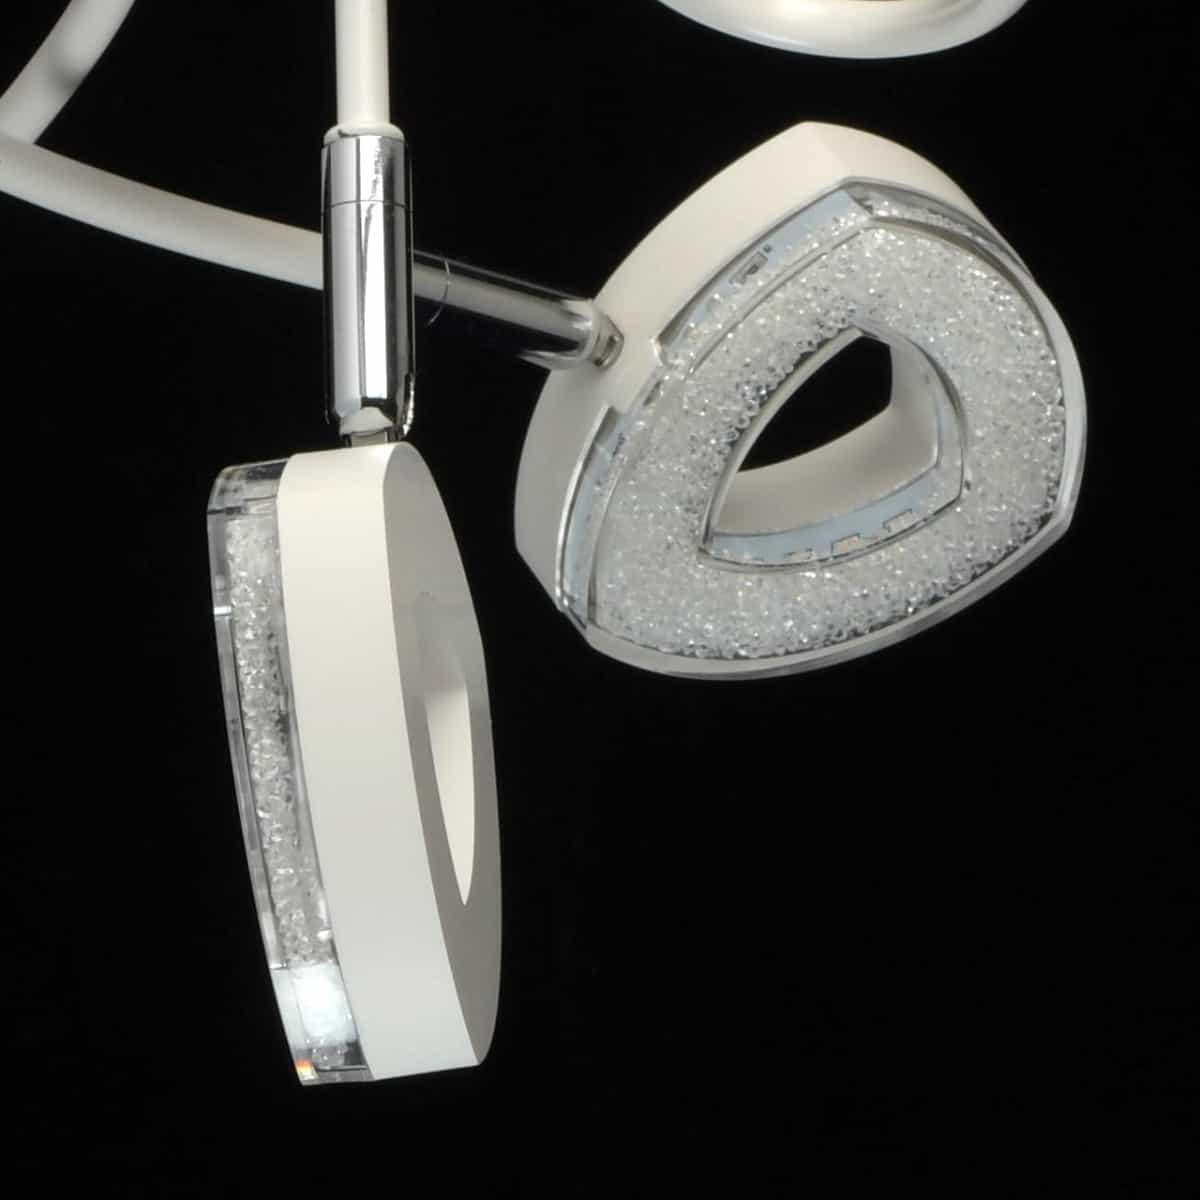 Lustra Demarkt hi-tech albă cu becuri LED, cu mai multe capete, pe un fond negru